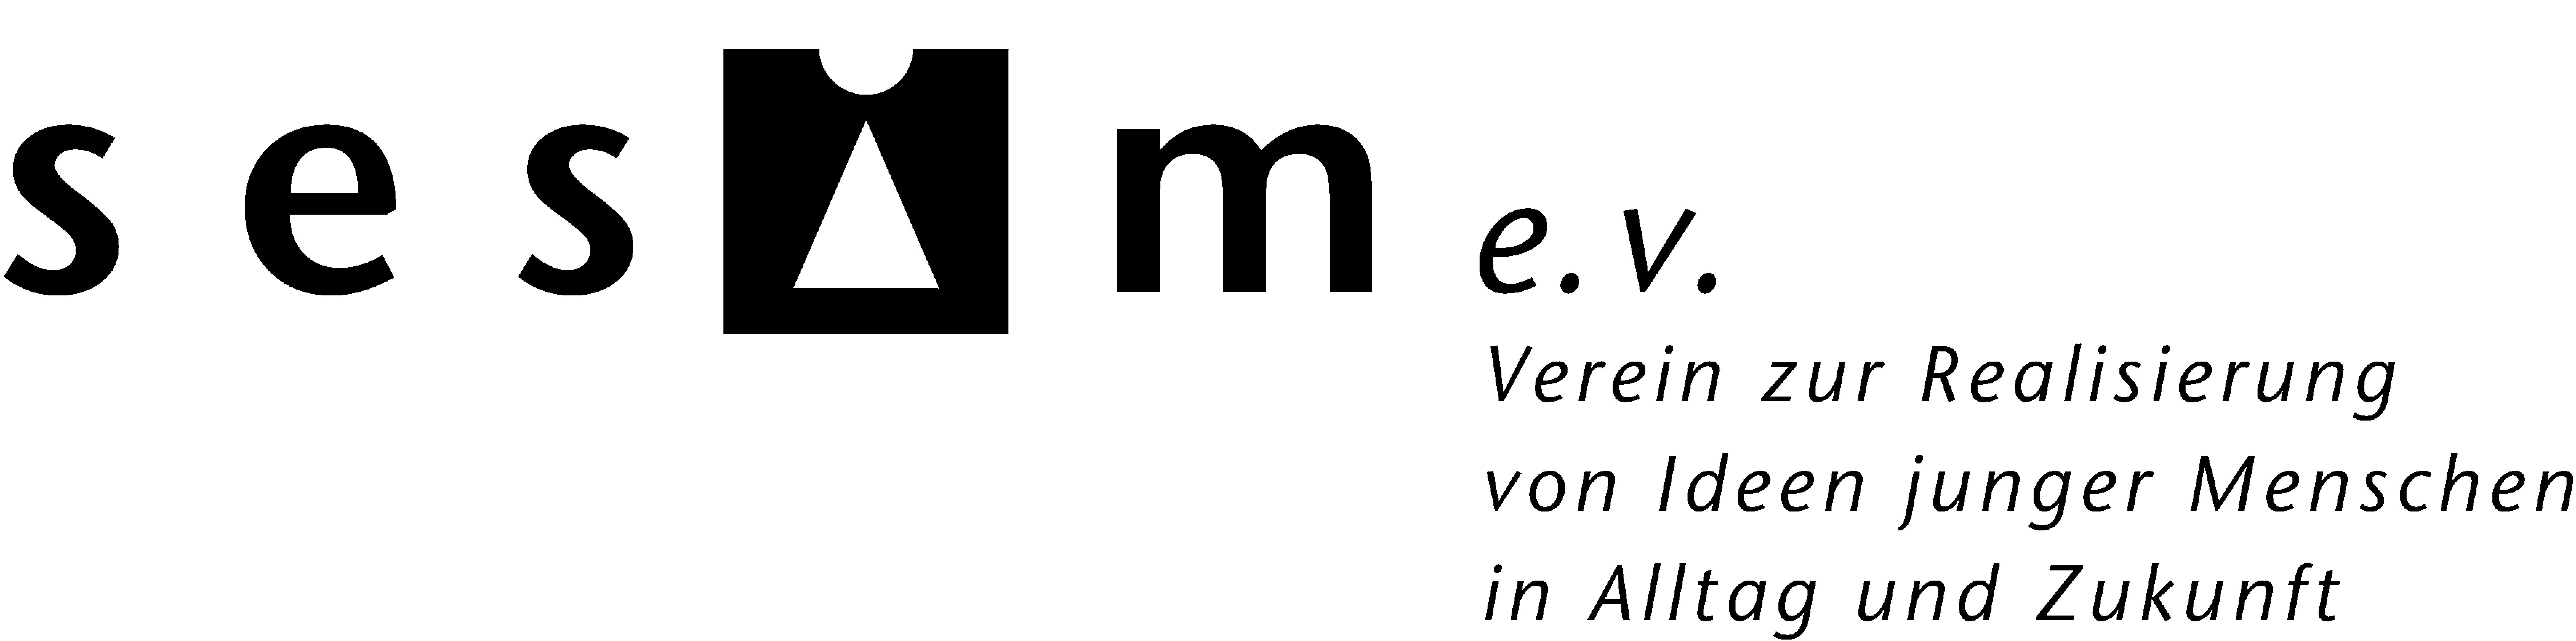 sesam_logo2